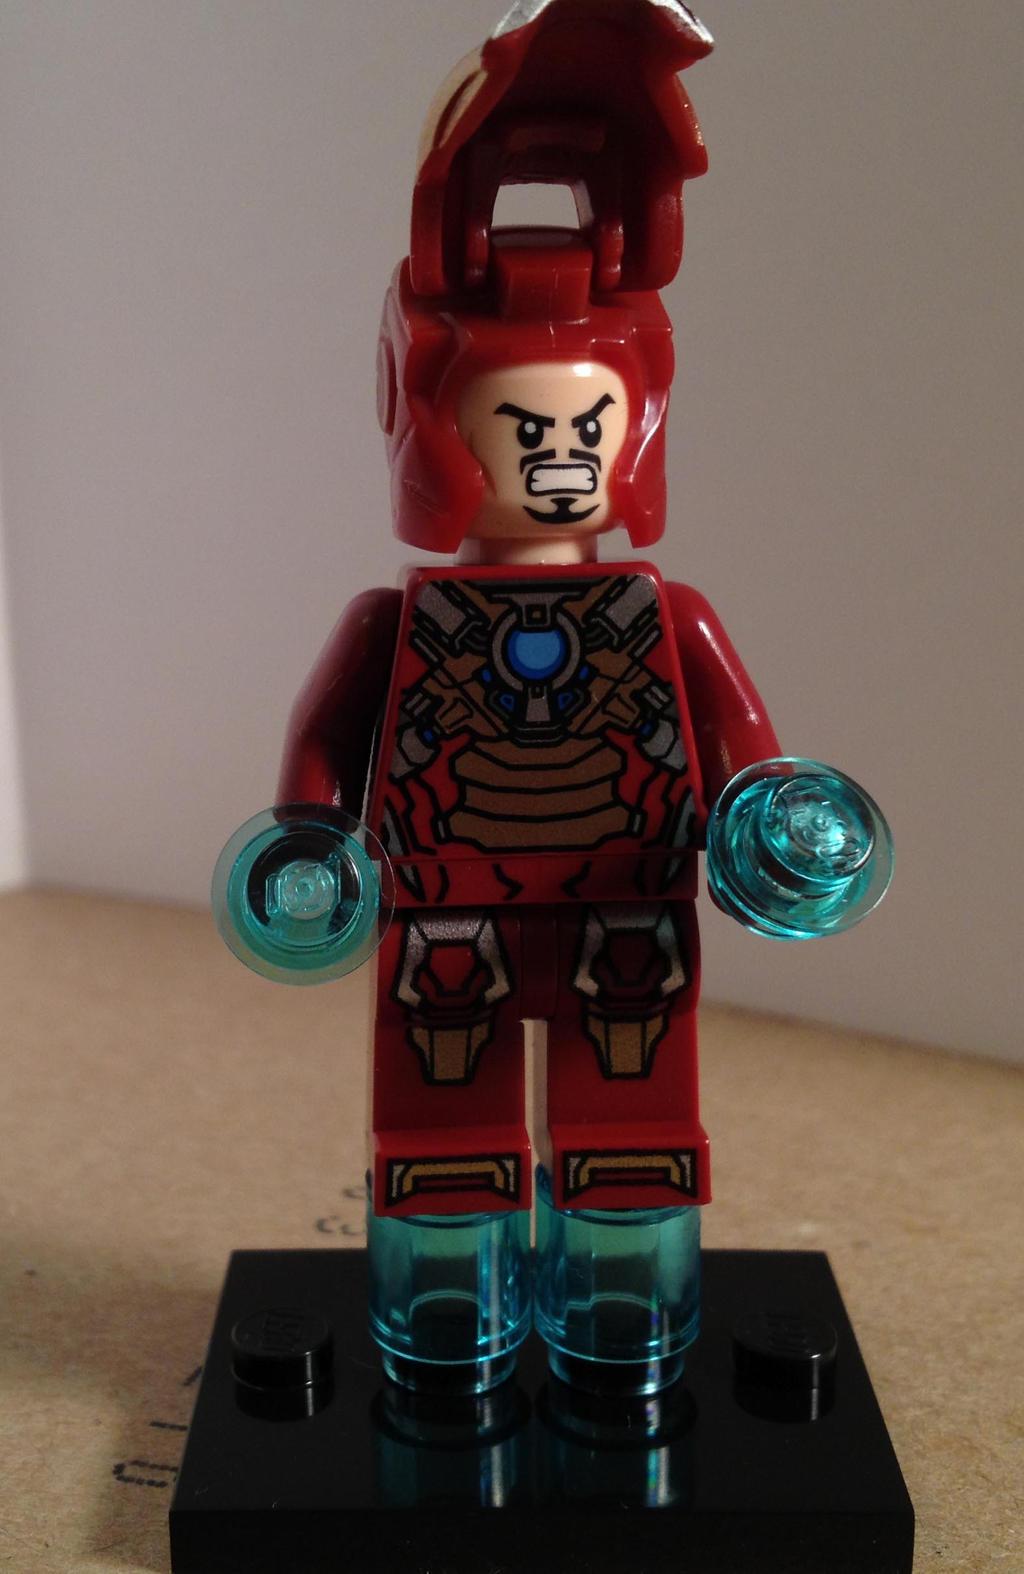 lego iron man 3 wallpaper - photo #21